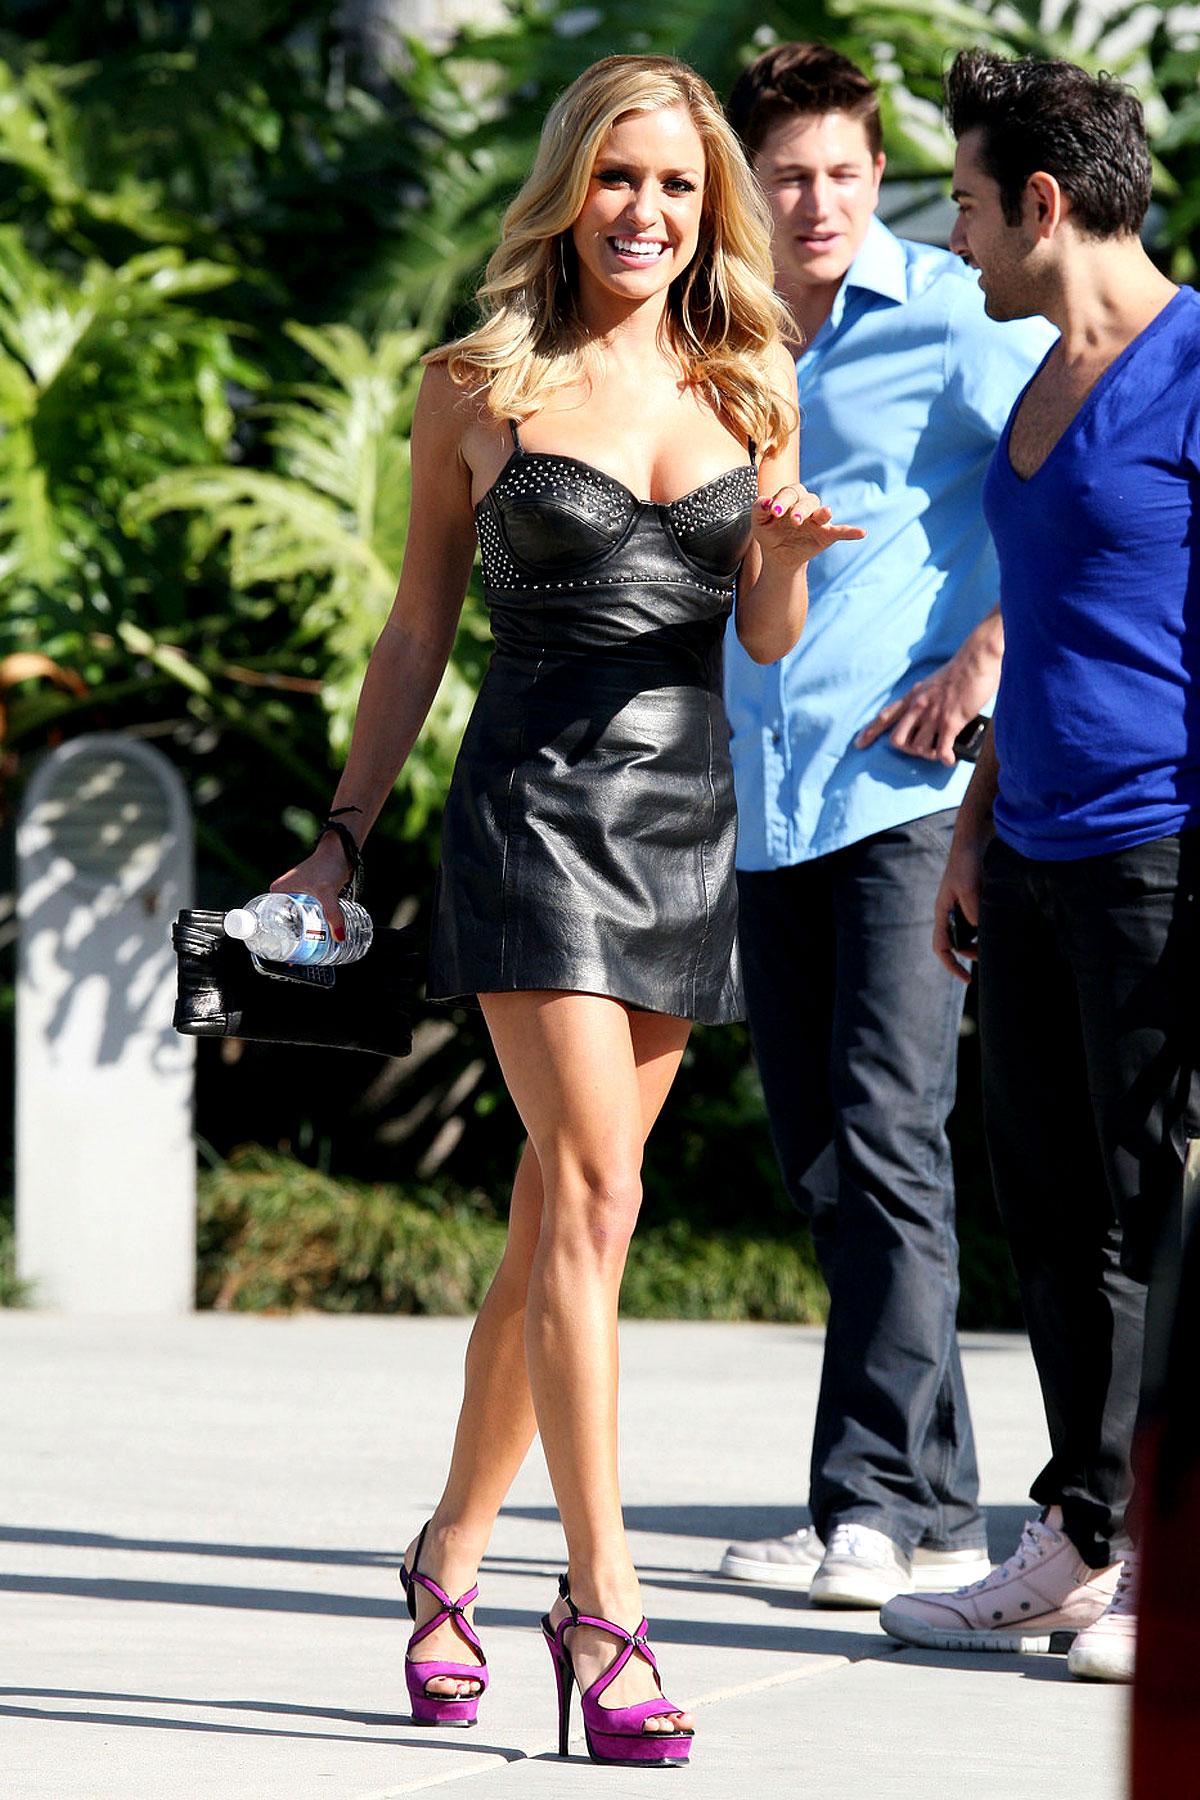 Kristin Cavallari Wears Dominatrix Dress On 'Chelsea Lately' (PHOTOS)